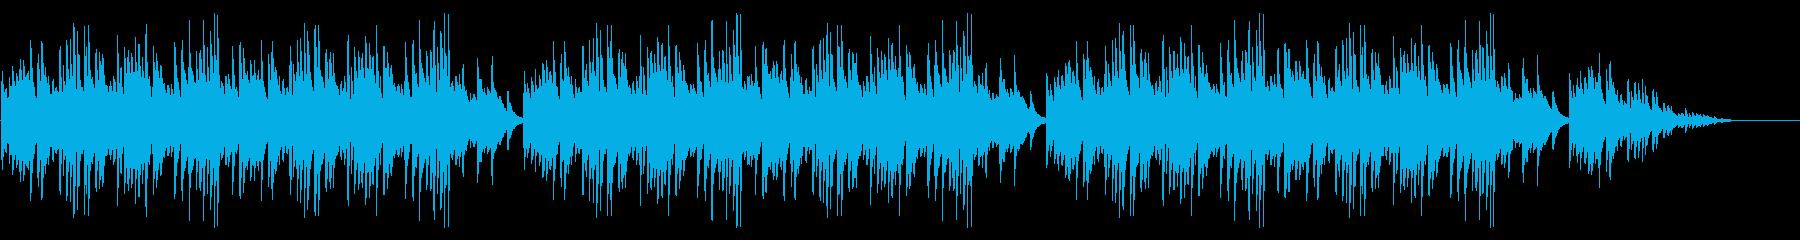 「どんぐりころころ」シンプルなピアノソロの再生済みの波形